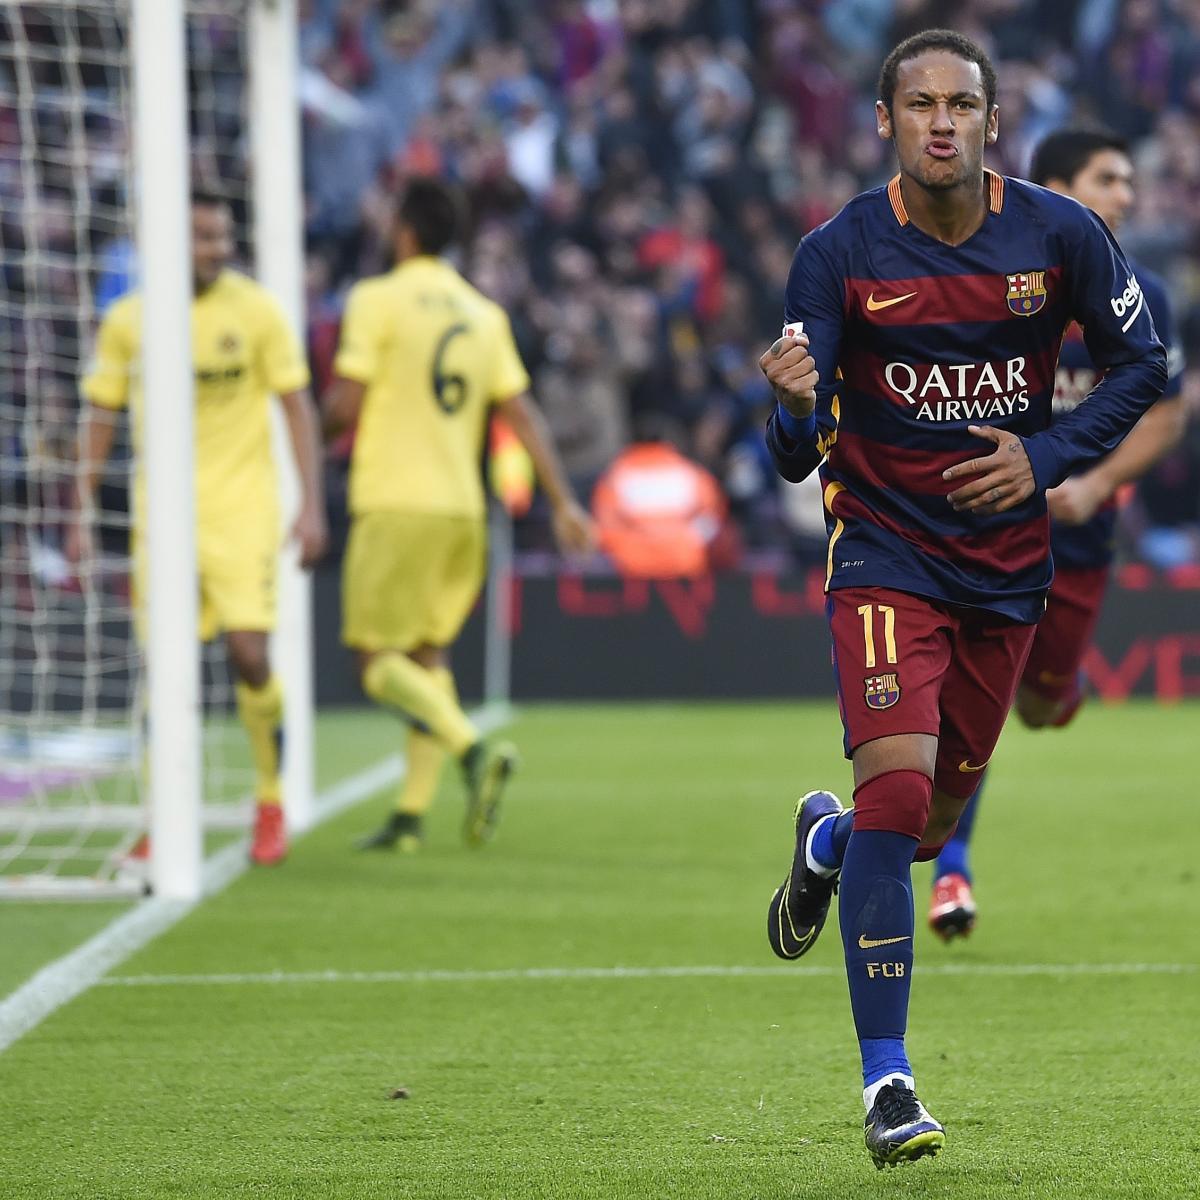 Manchester United Transfer News Lucas Moura And Cristiano: Manchester United Transfer News: Latest On Neymar